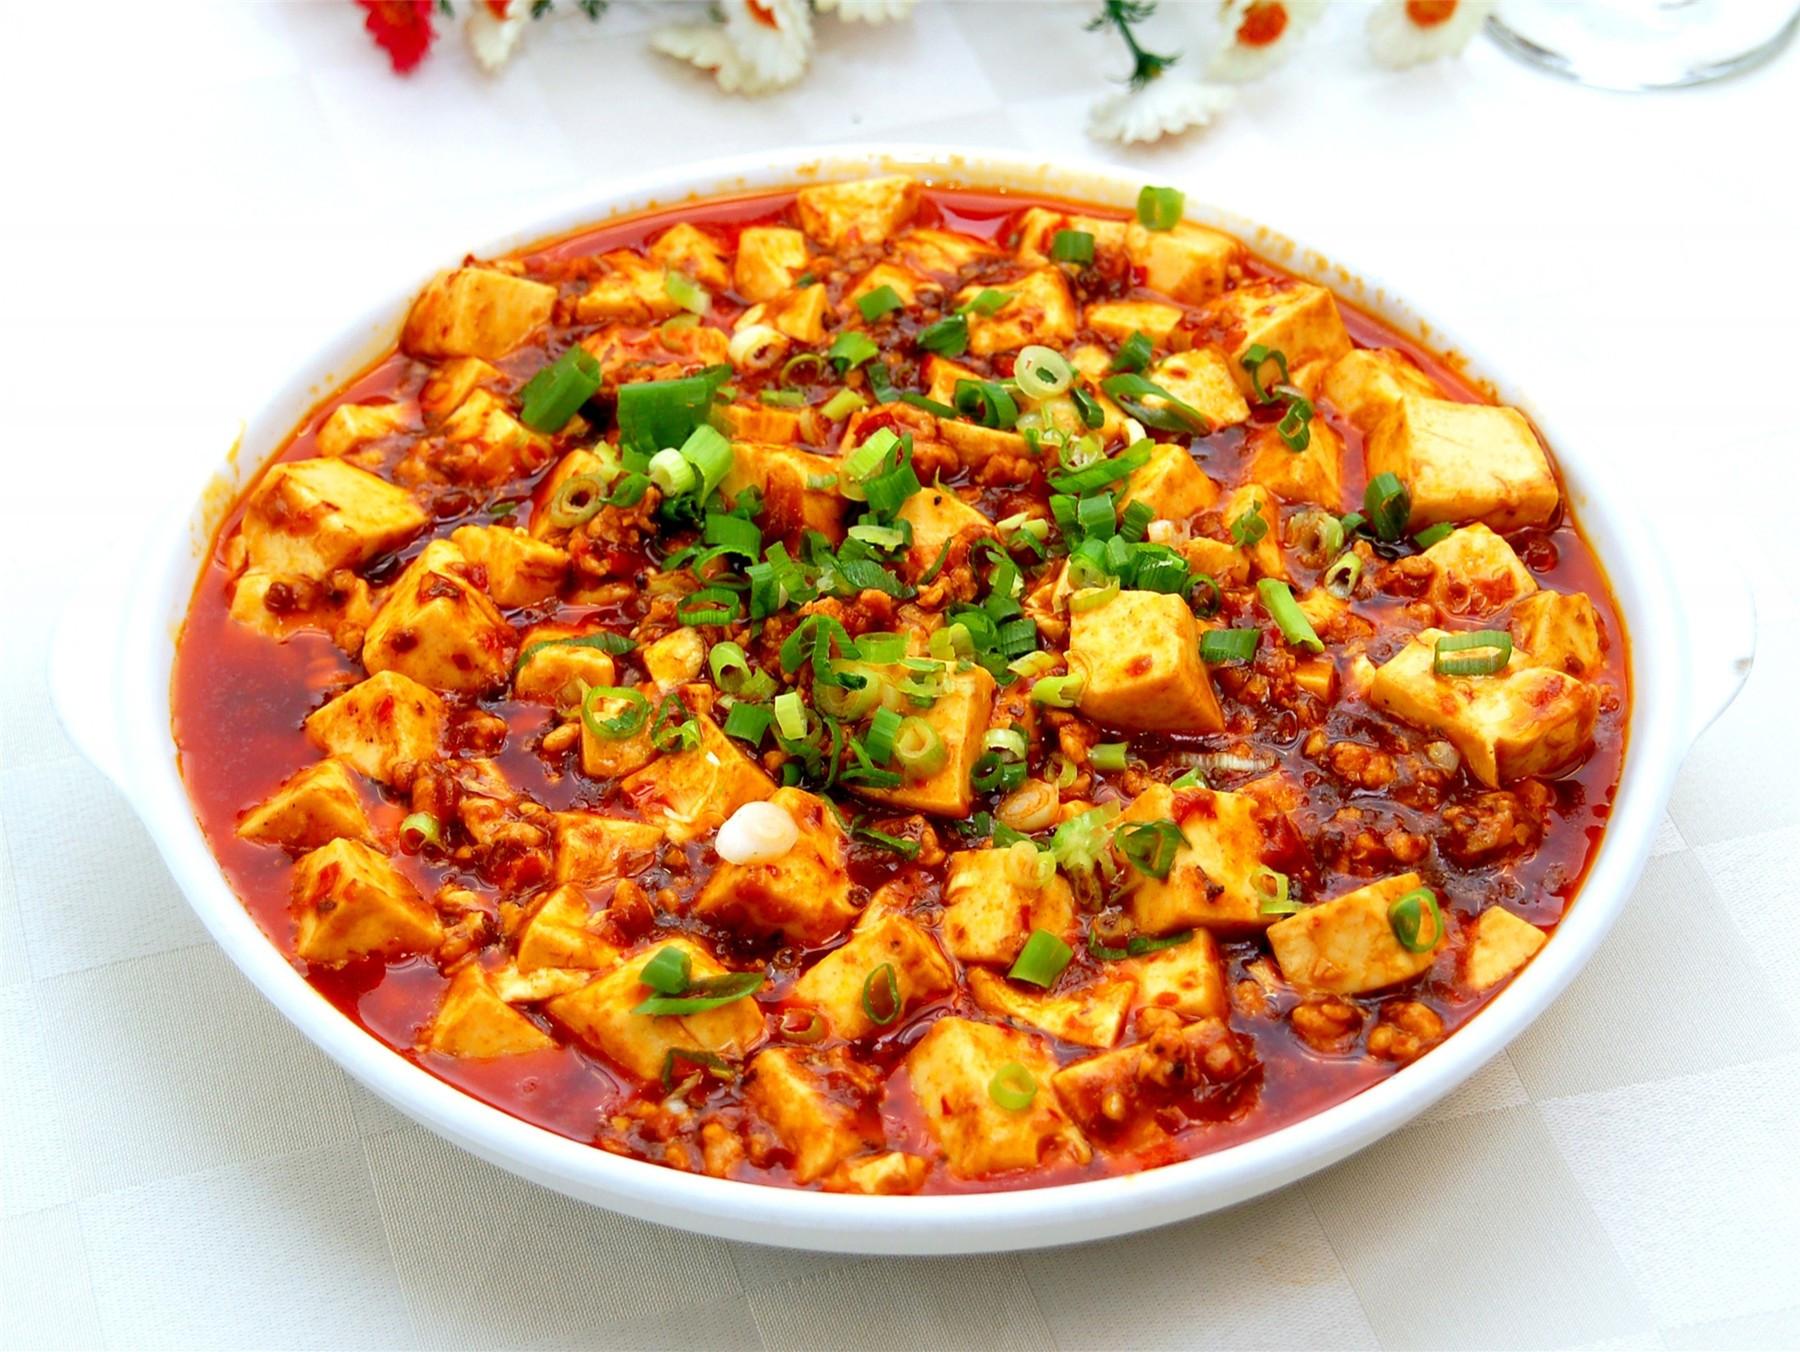 Món ăn Trung Quốc luôn được khách du lịch say đắm - ảnh 4